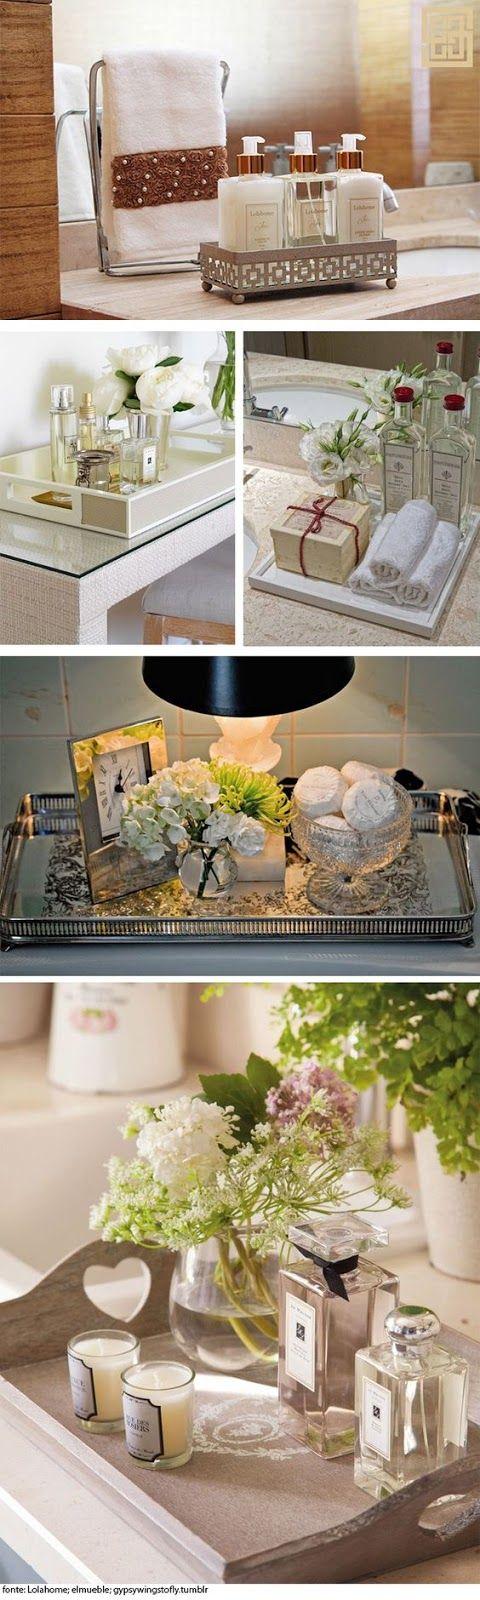 Decoração com um toque feminino - Reciclar e Decorar - Blog de Decoração, Reciclagem e Artesanato